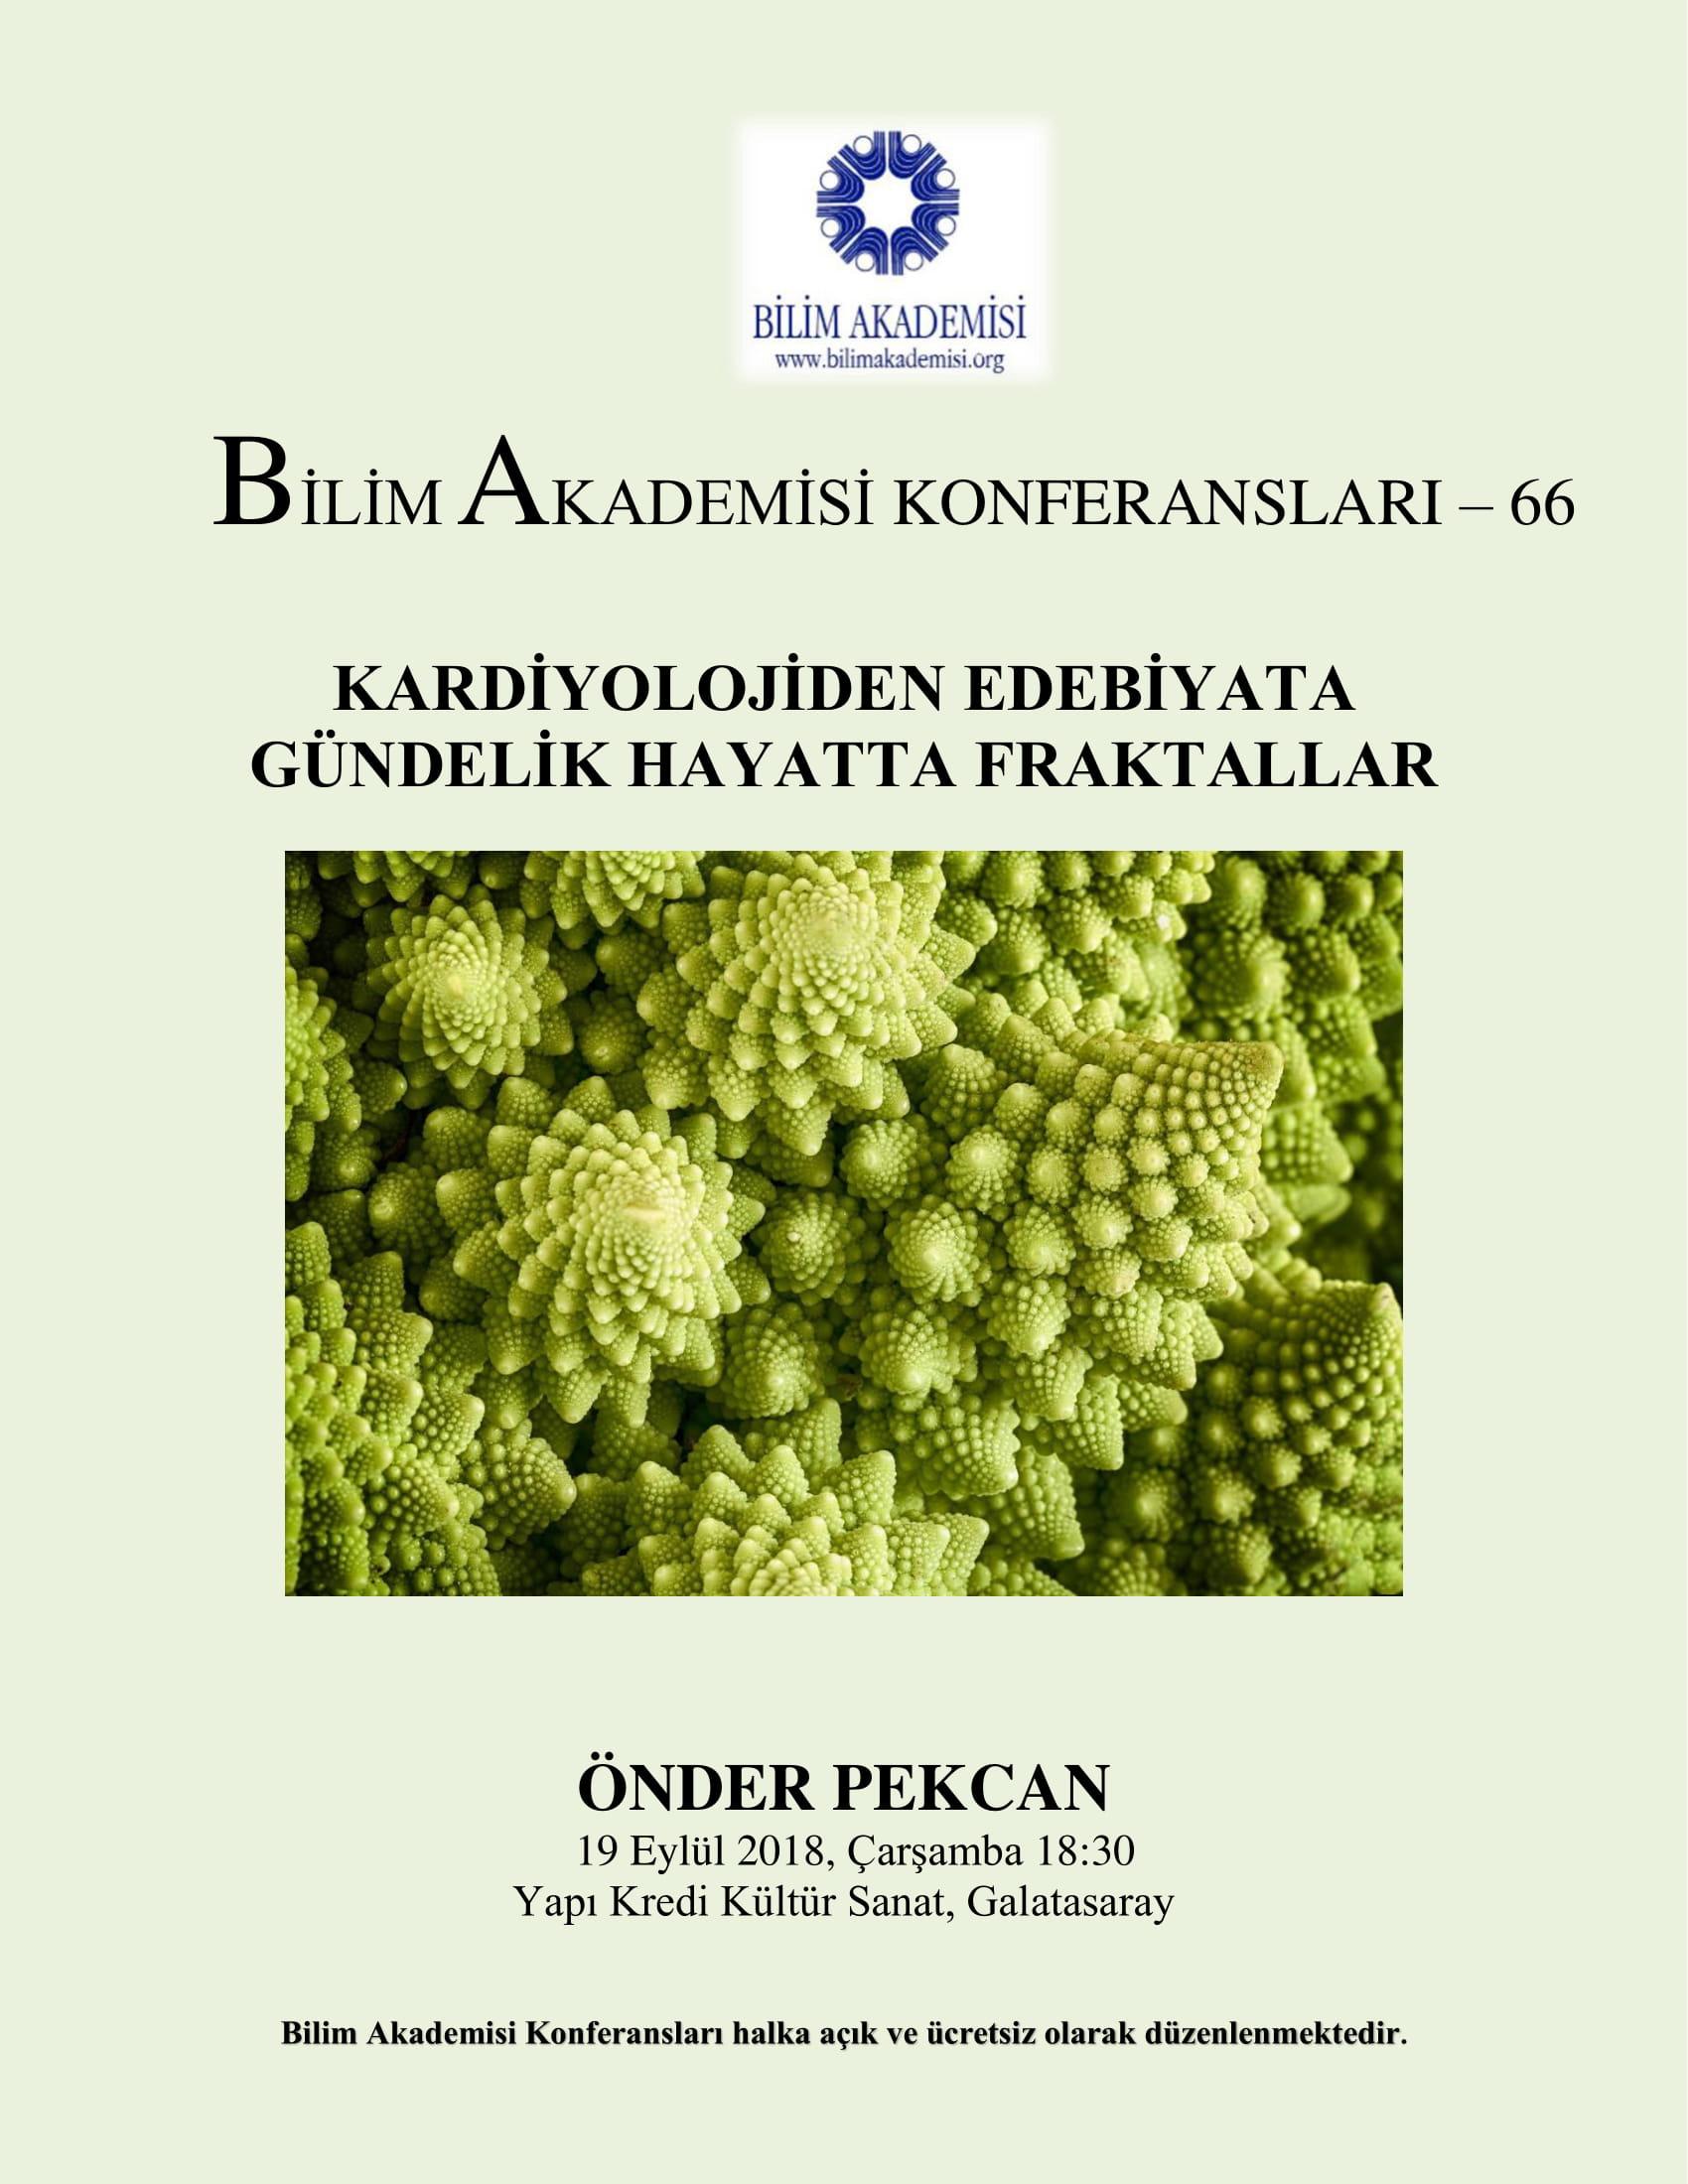 Kardiyolojiden Edebiyata Gündelik Hayatta Fraktallar - Konuşmacı : Önder Pekcan